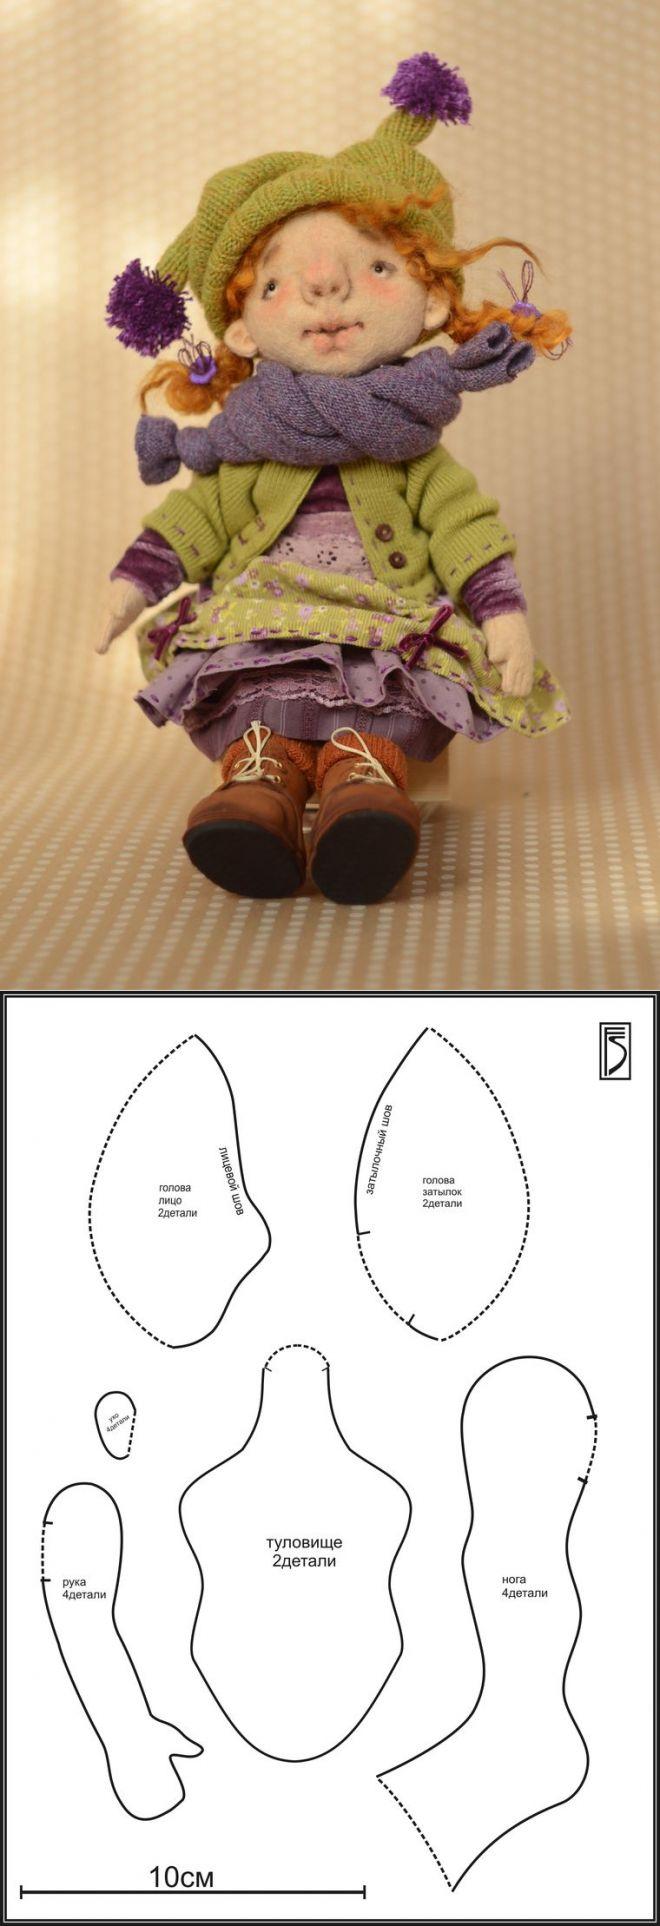 Шьем игровую куклу из фетра для больших и маленьких девочек..<3 Deniz <3